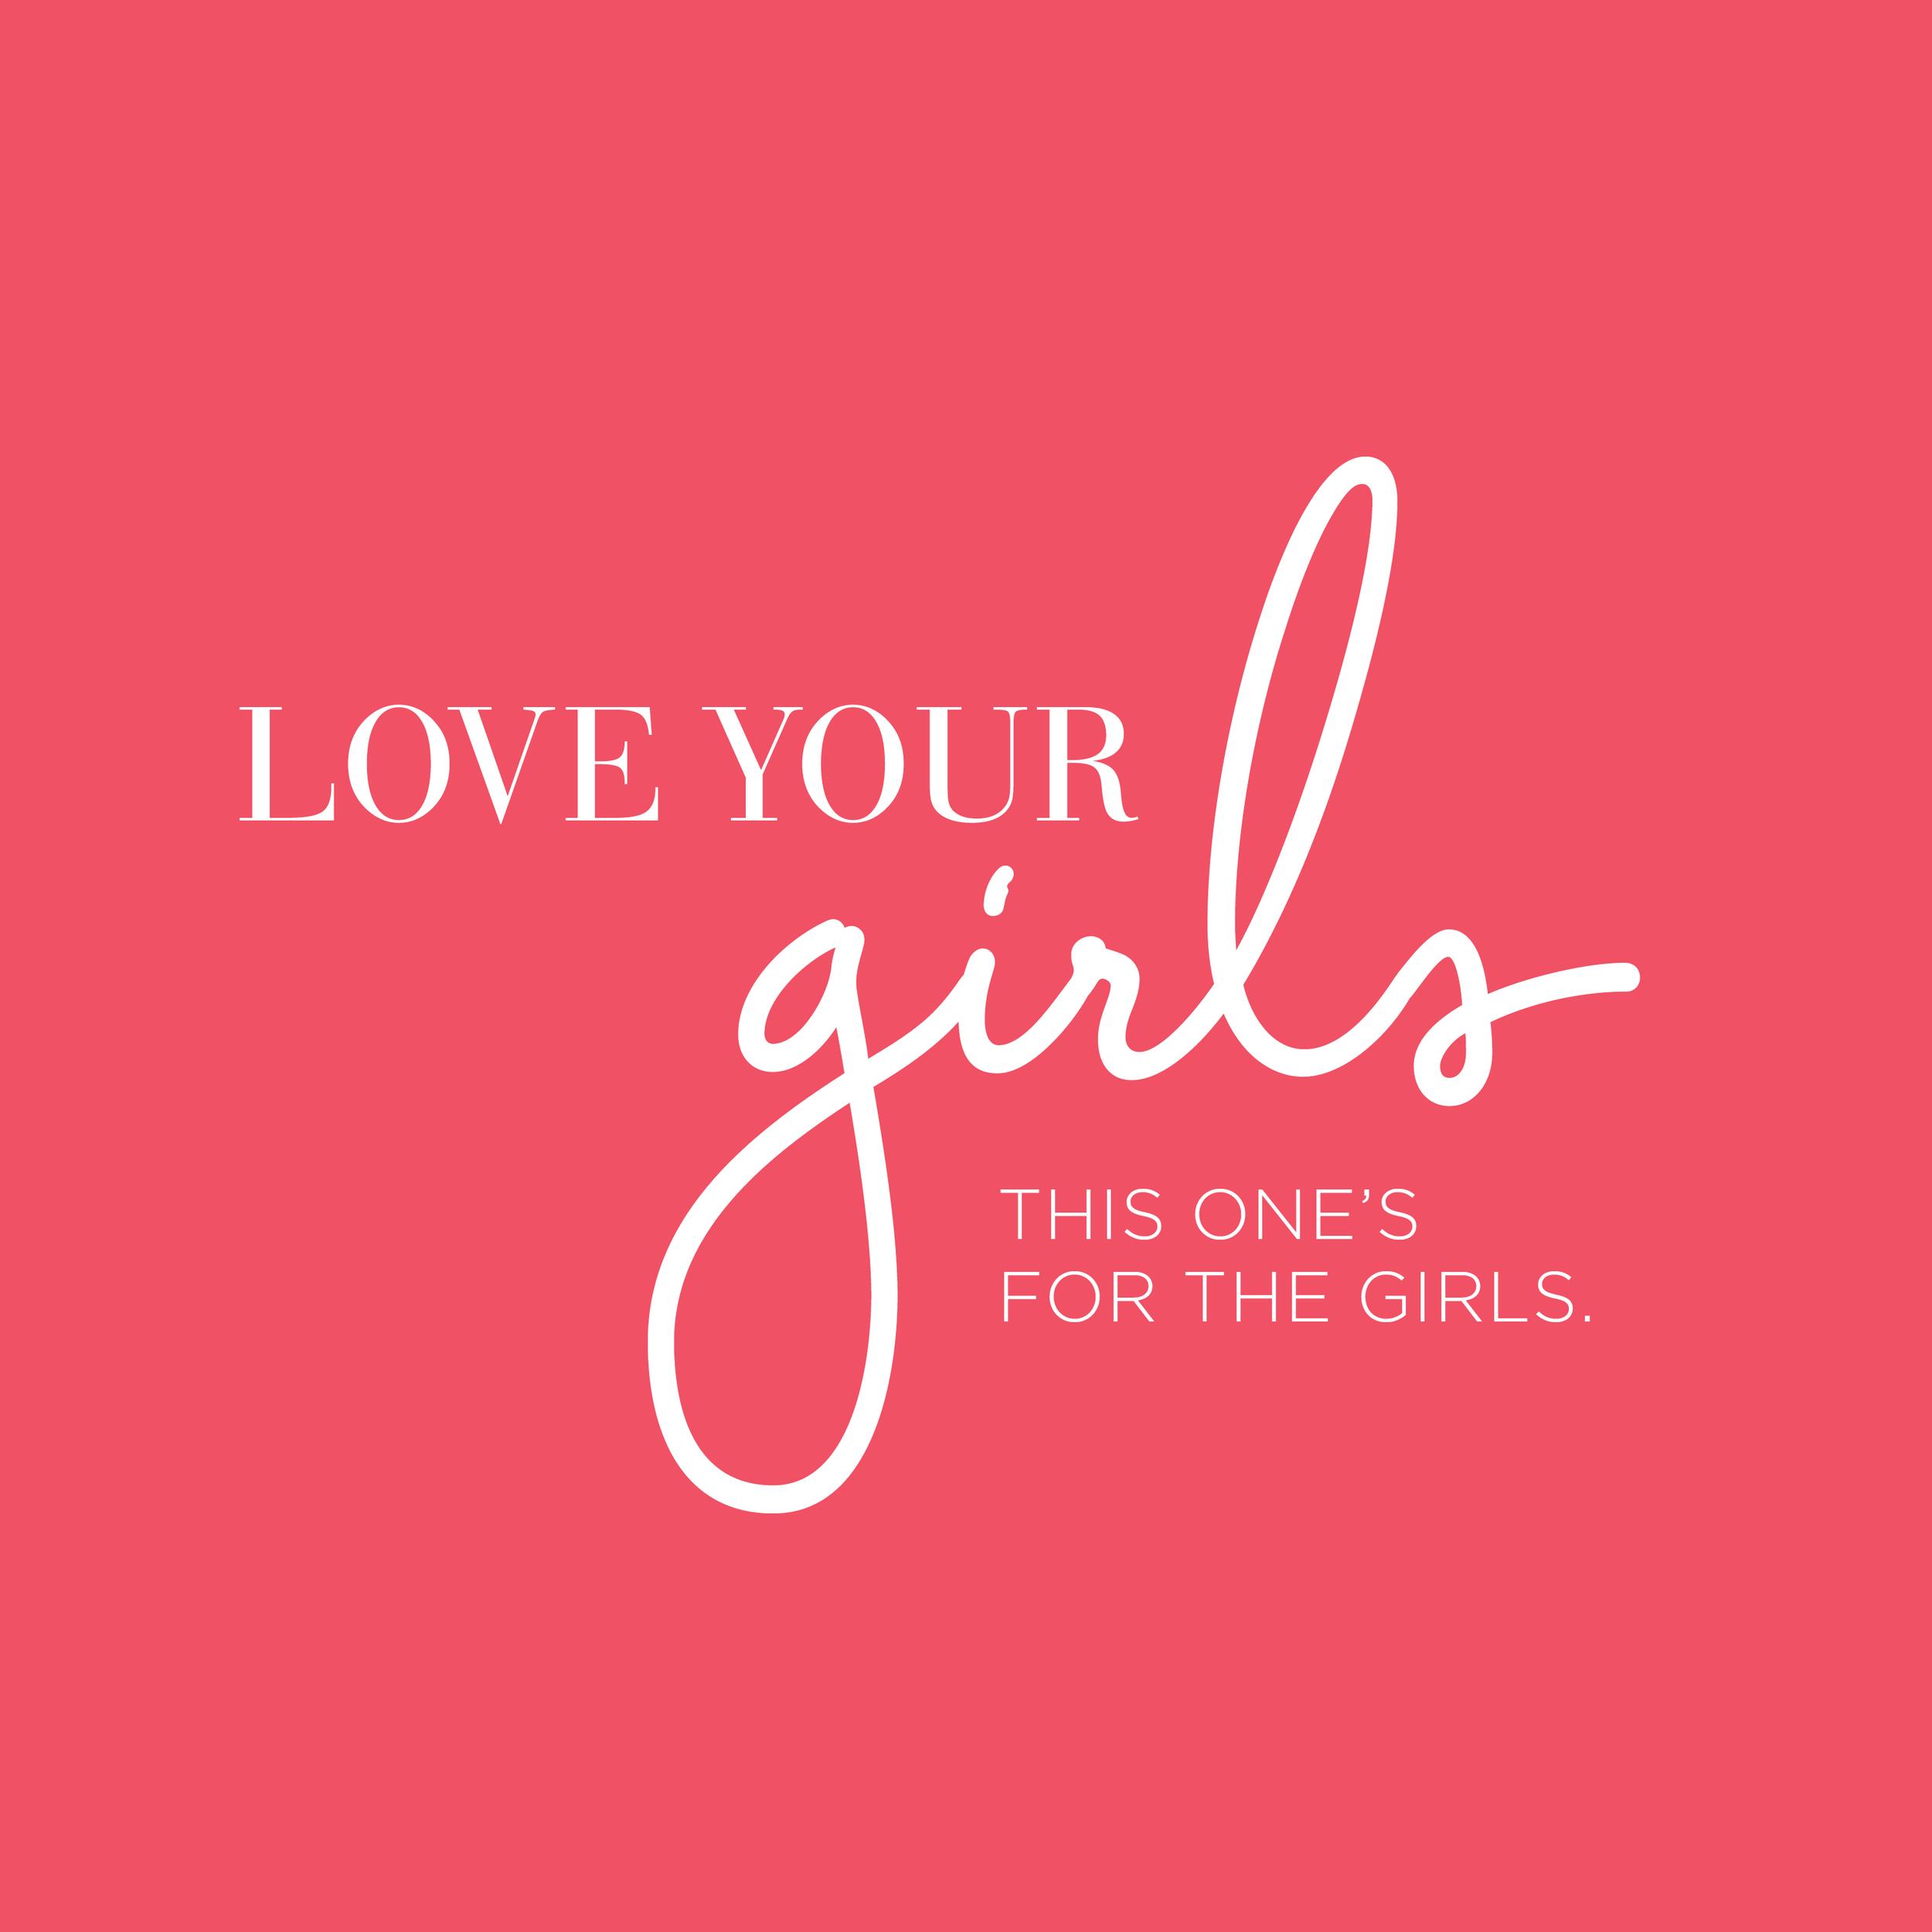 Love Your Girls- Instagram-9.jpg